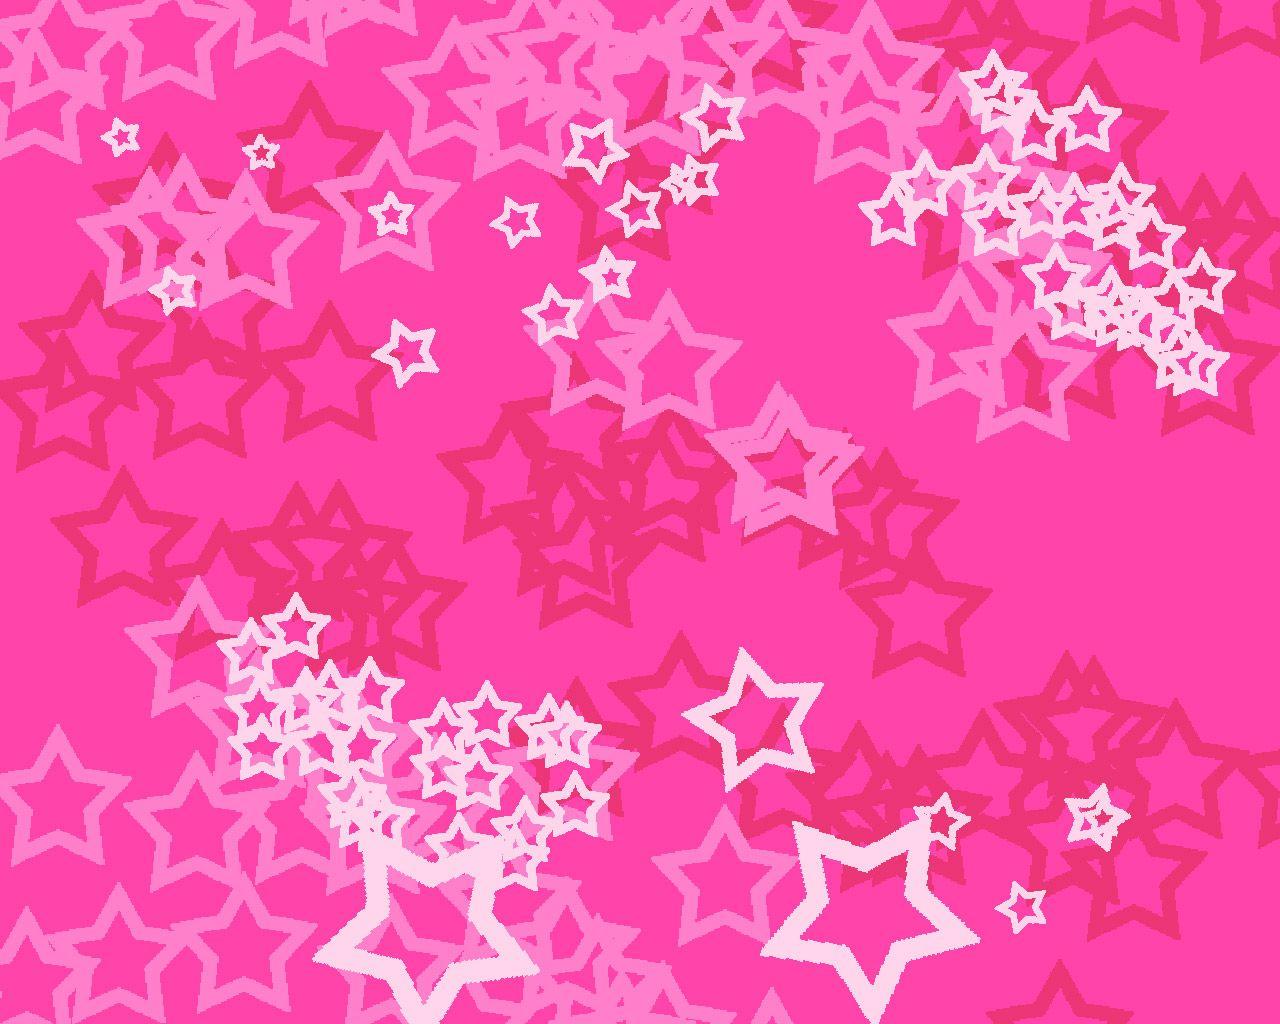 Pretty Backgrounds Stars Backgrounds Pretty 42159 Pink Glitter Wallpaper Pink Wallpaper Desktop Pink Wallpaper